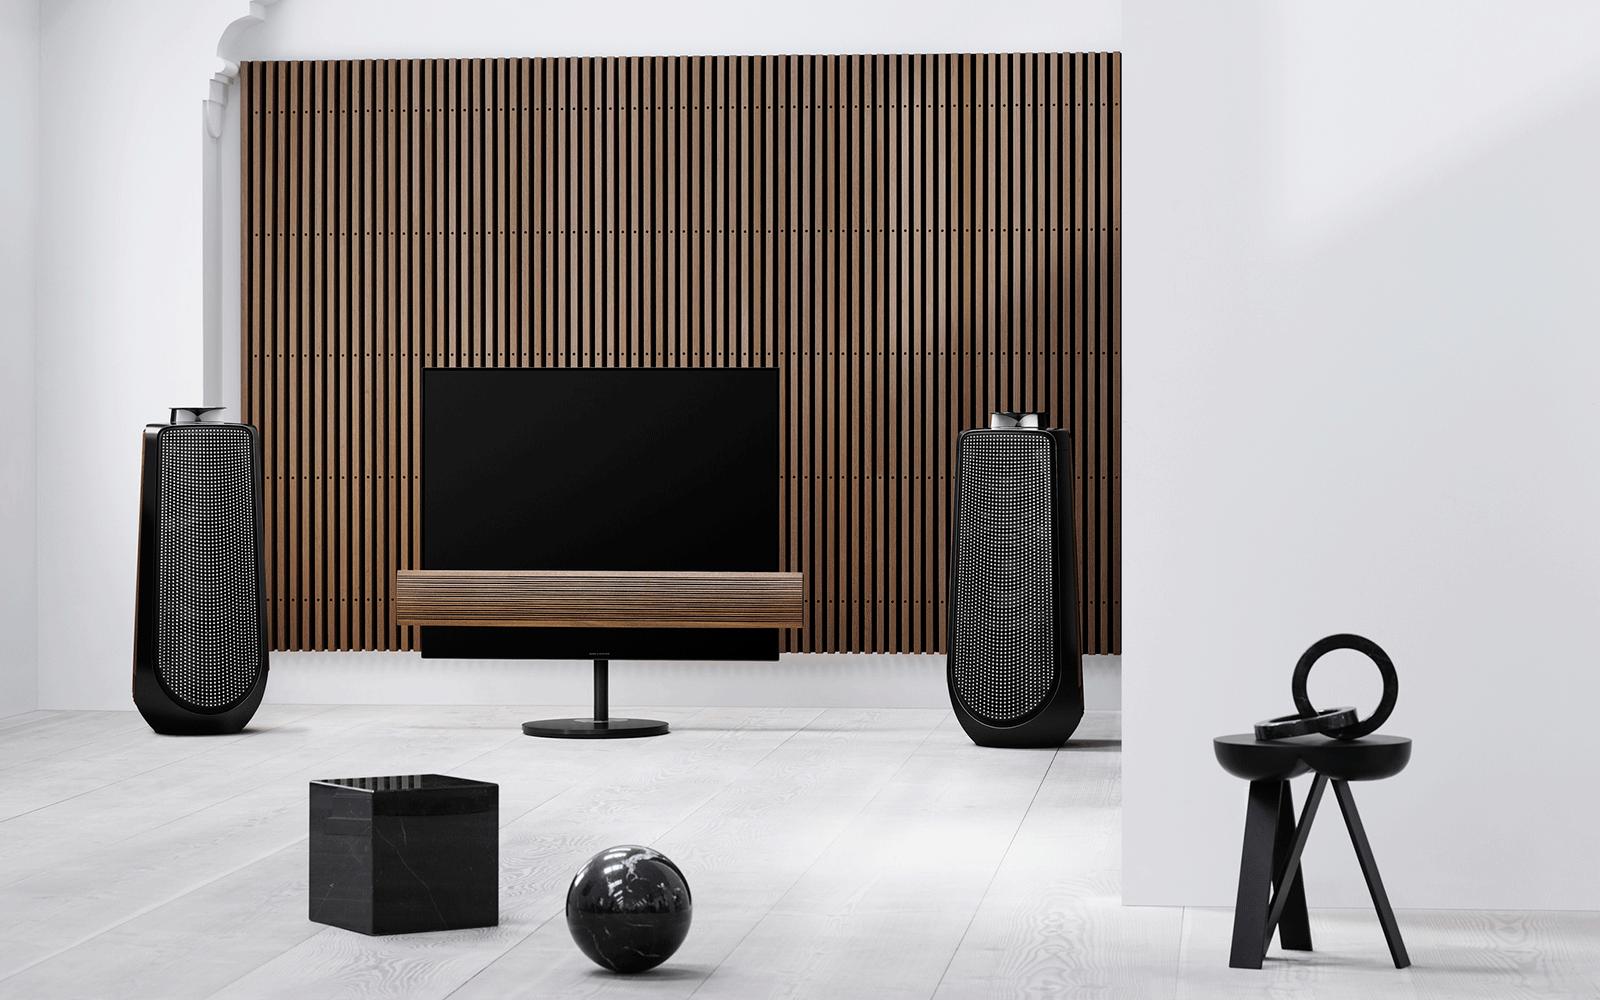 Bang & Olufsen, design speakers